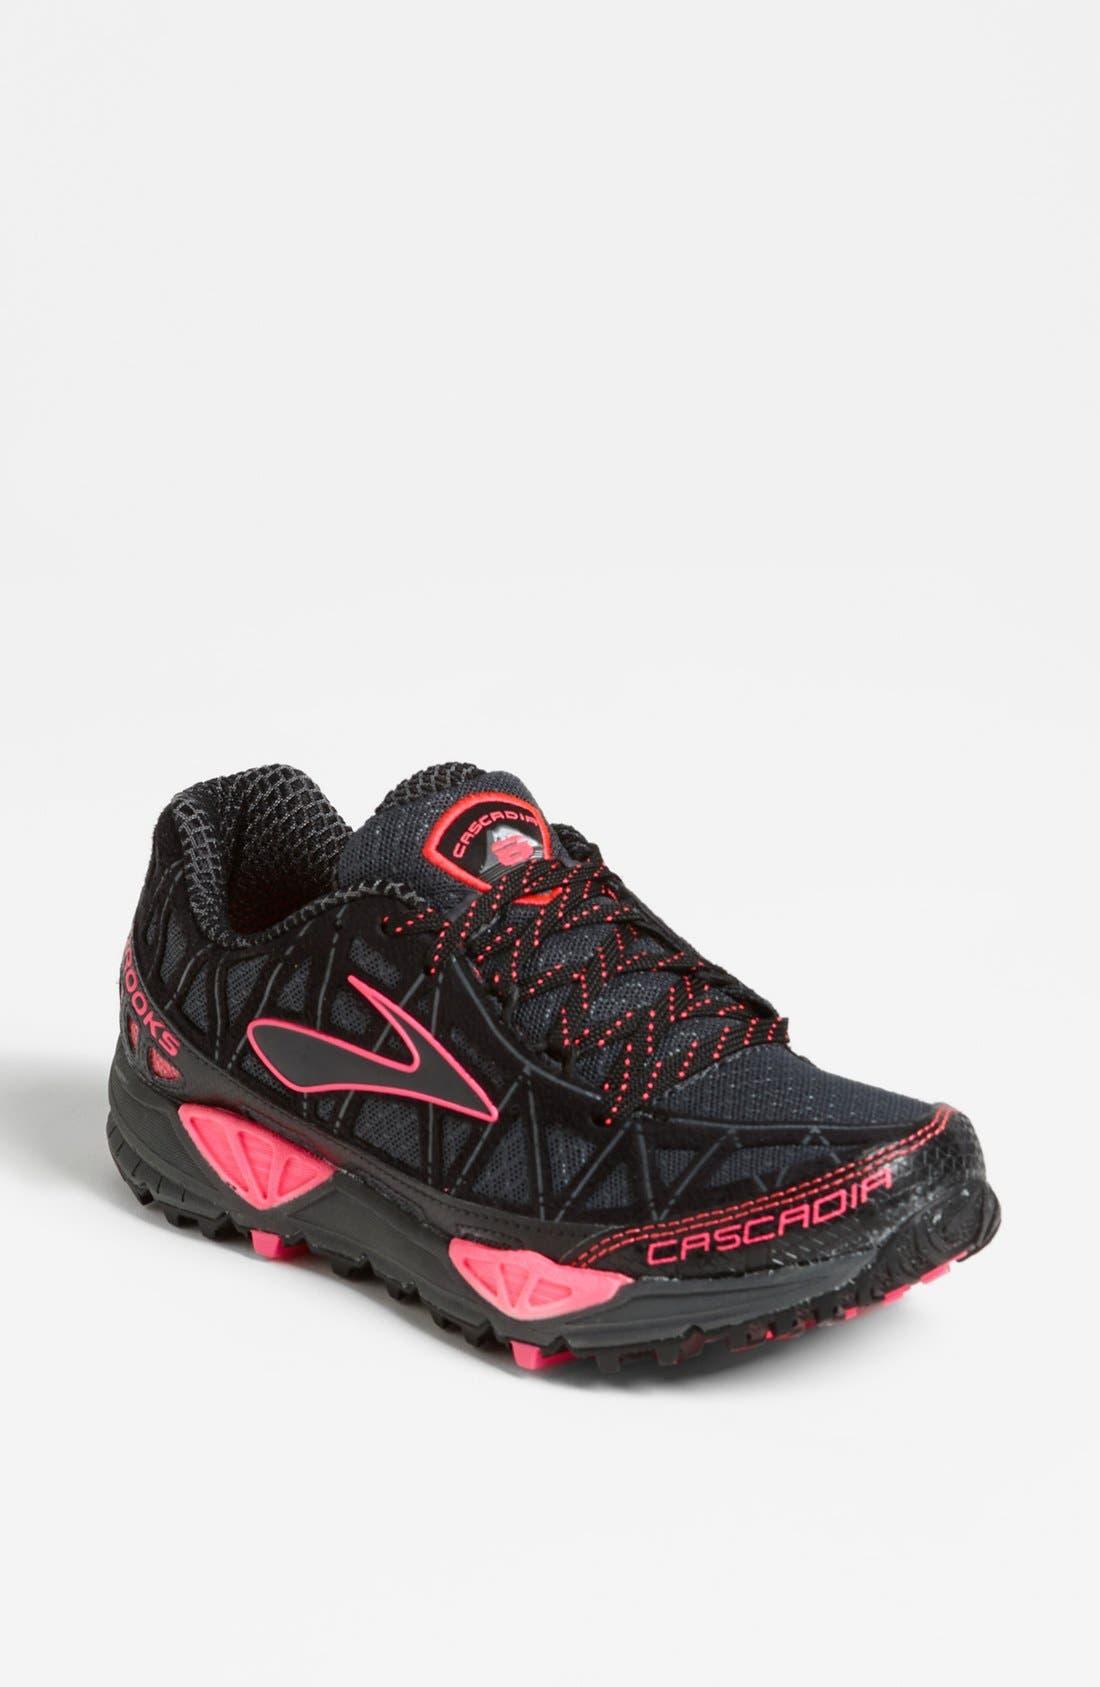 Main Image - Brooks 'Cascadia 8' Running Shoe (Women)